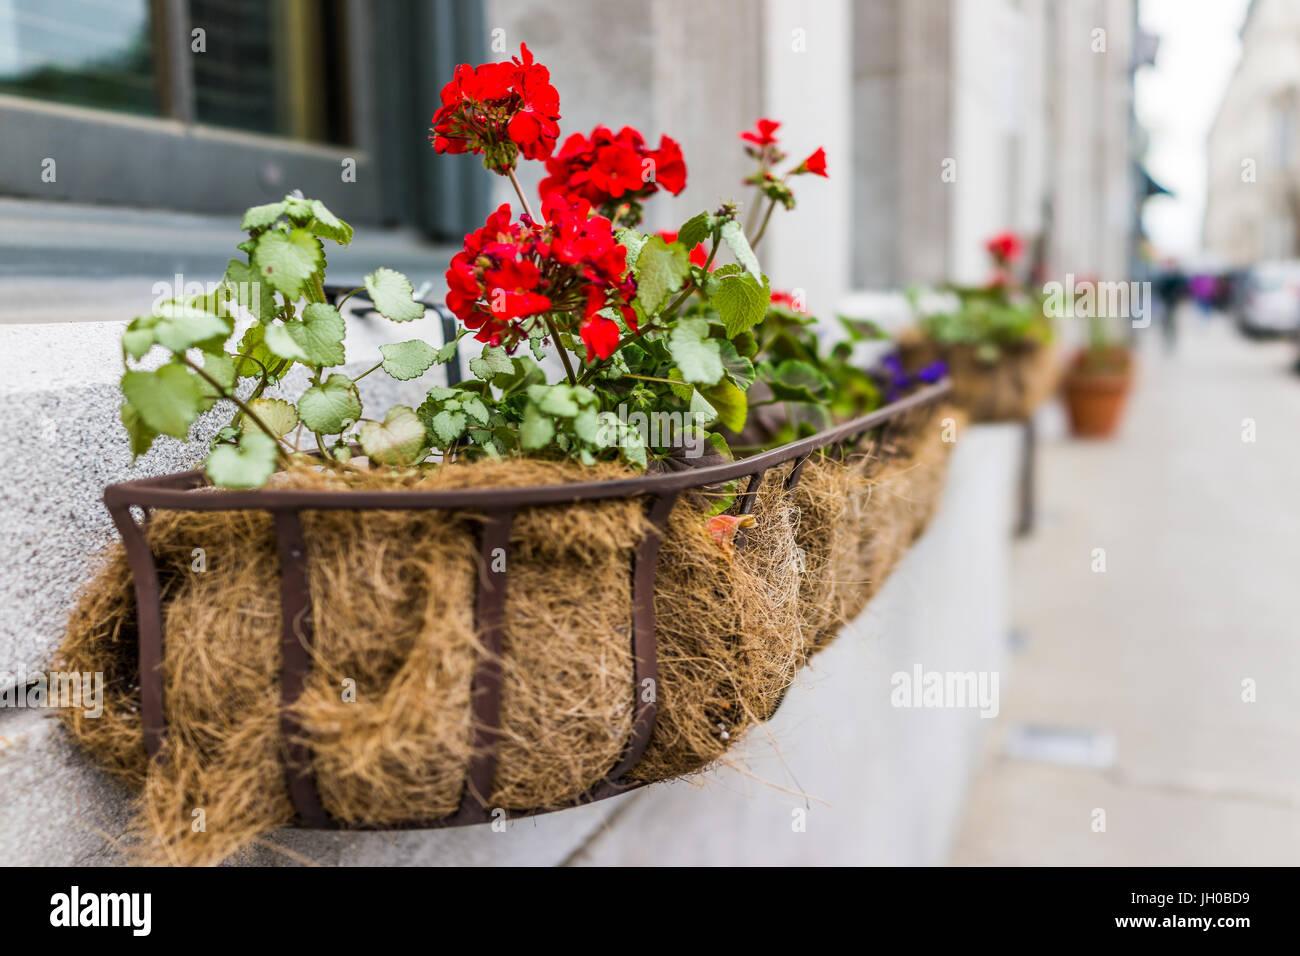 Rote Geranien Blumen Makro Nahaufnahme Auf Fensterbank Aussen